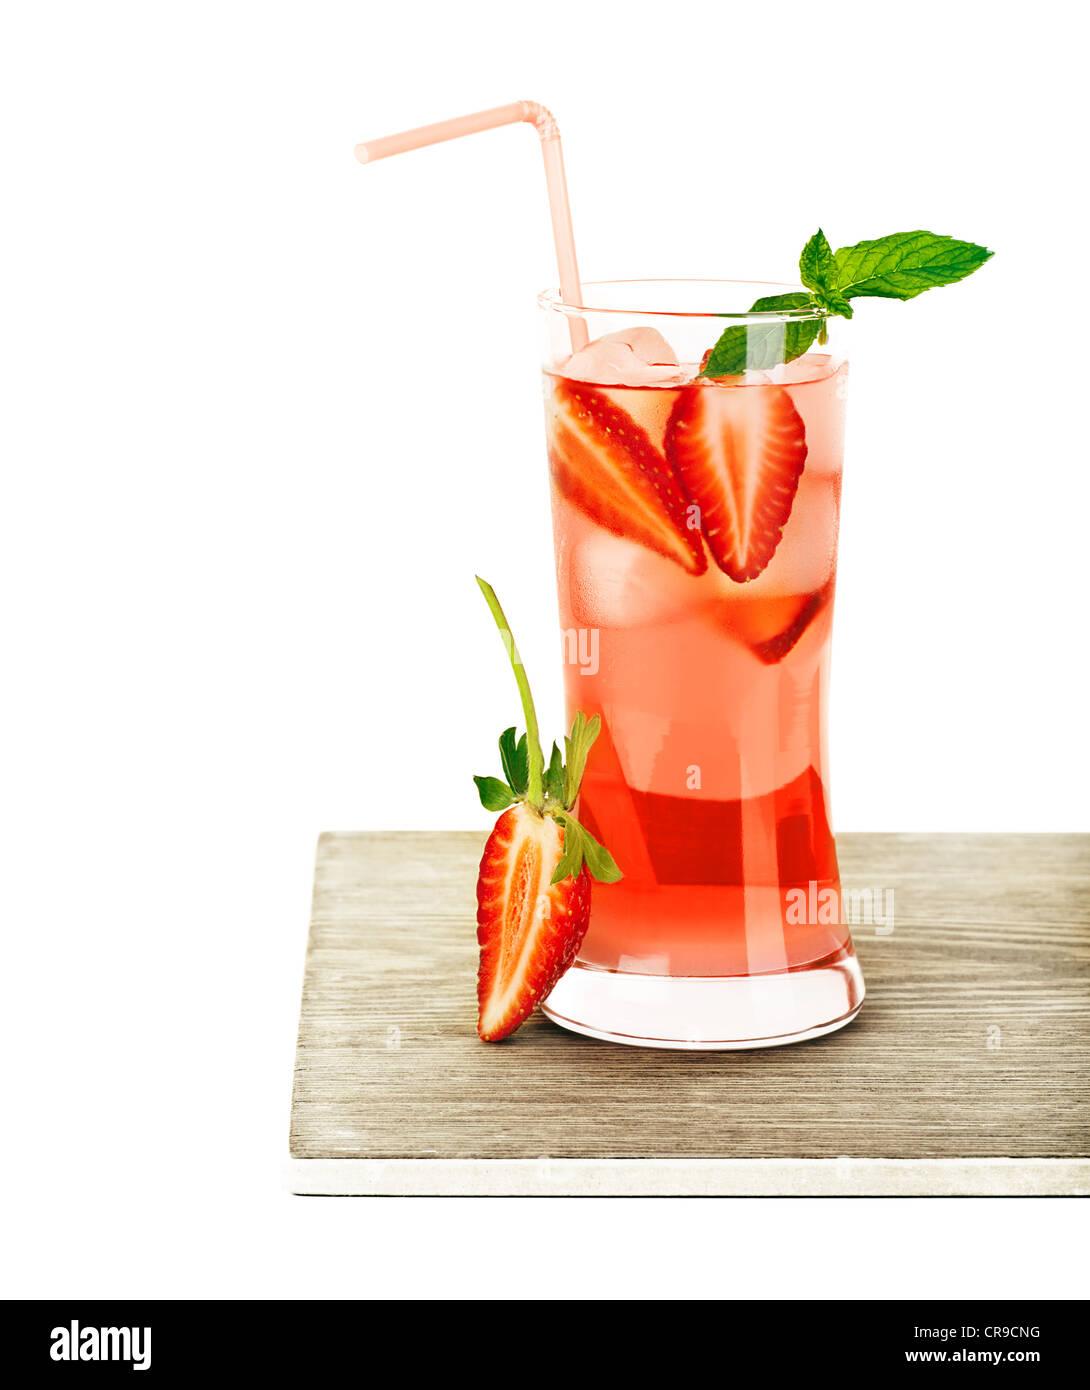 Roten fruchtigen Erdbeer cocktail mit Minze, kaltes Getränk isoliert auf weißem Hintergrund, erfrischende Stockbild